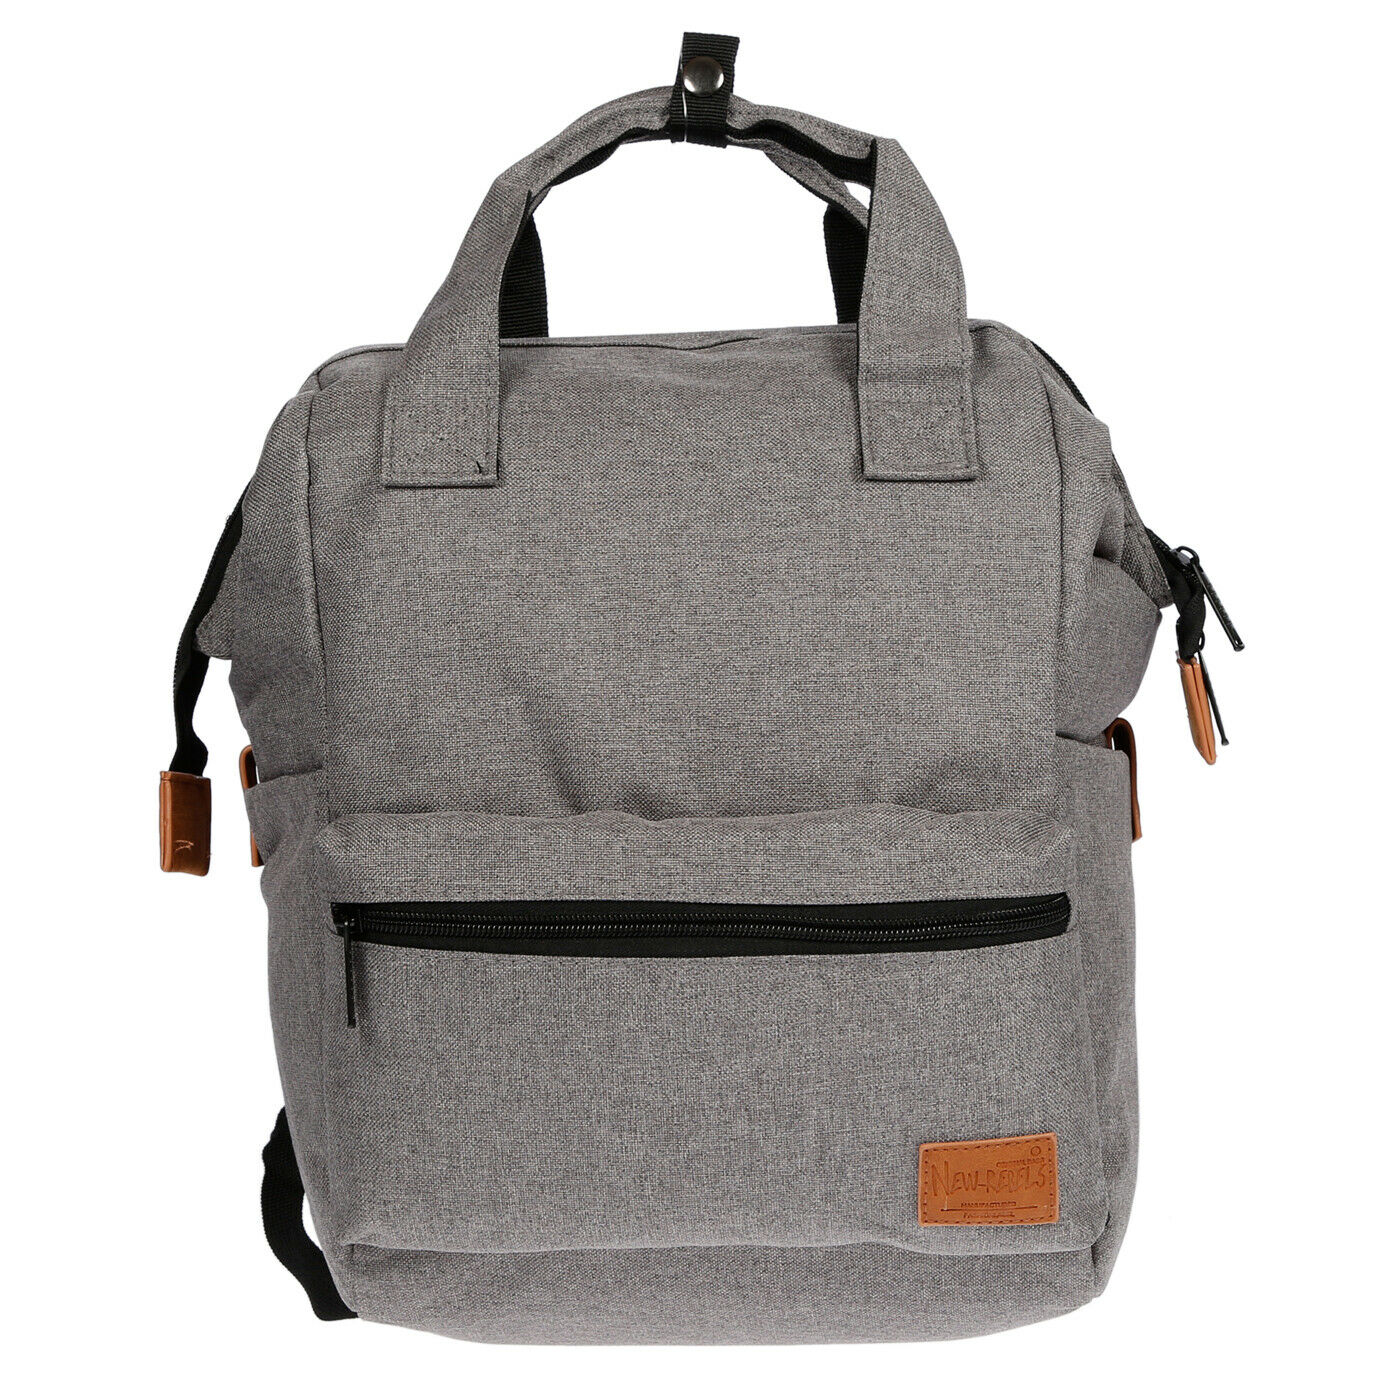 DAMEN CANVAS RUCKSACK Tablet Laptop Fach Tasche Schwarz Grau